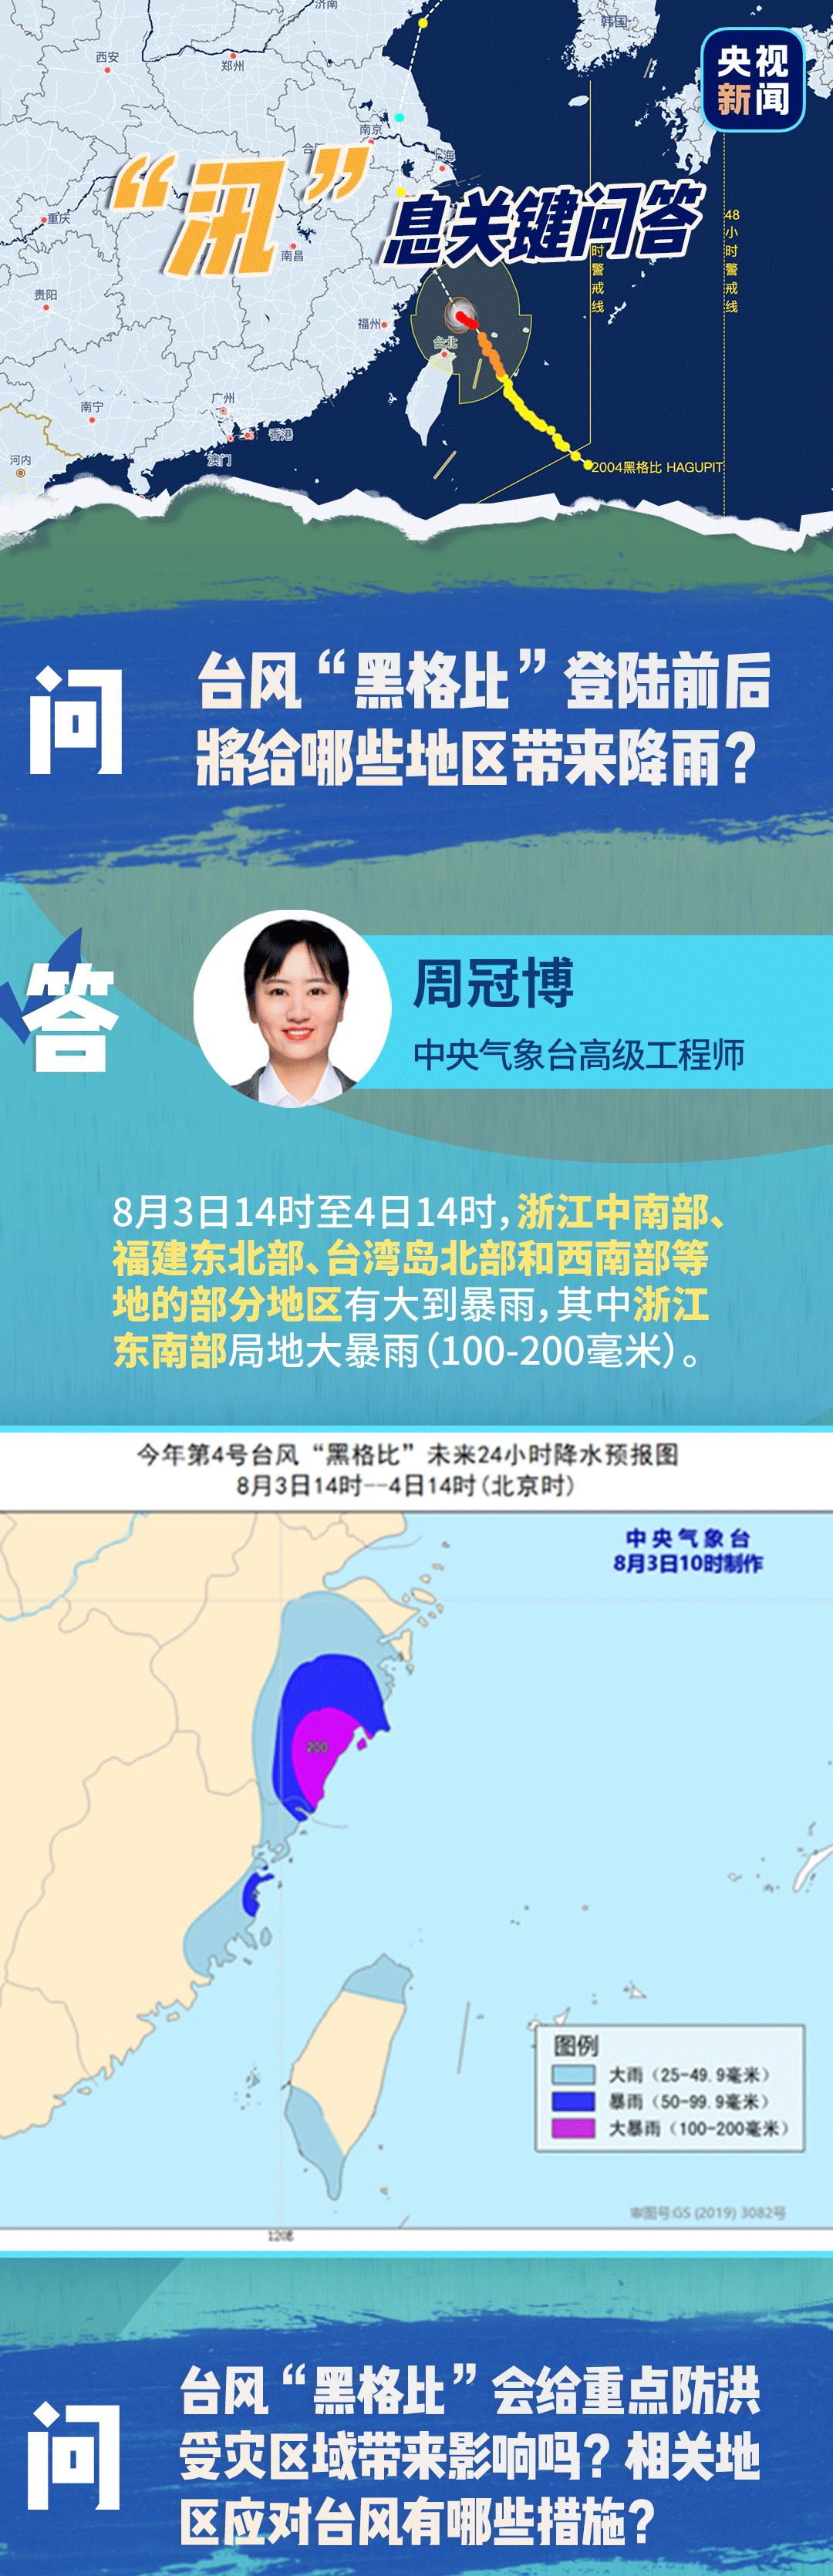 """【厦门炮兵社区app】_台风""""黑格比""""来了,会给重点防洪区域带来多大影响?"""